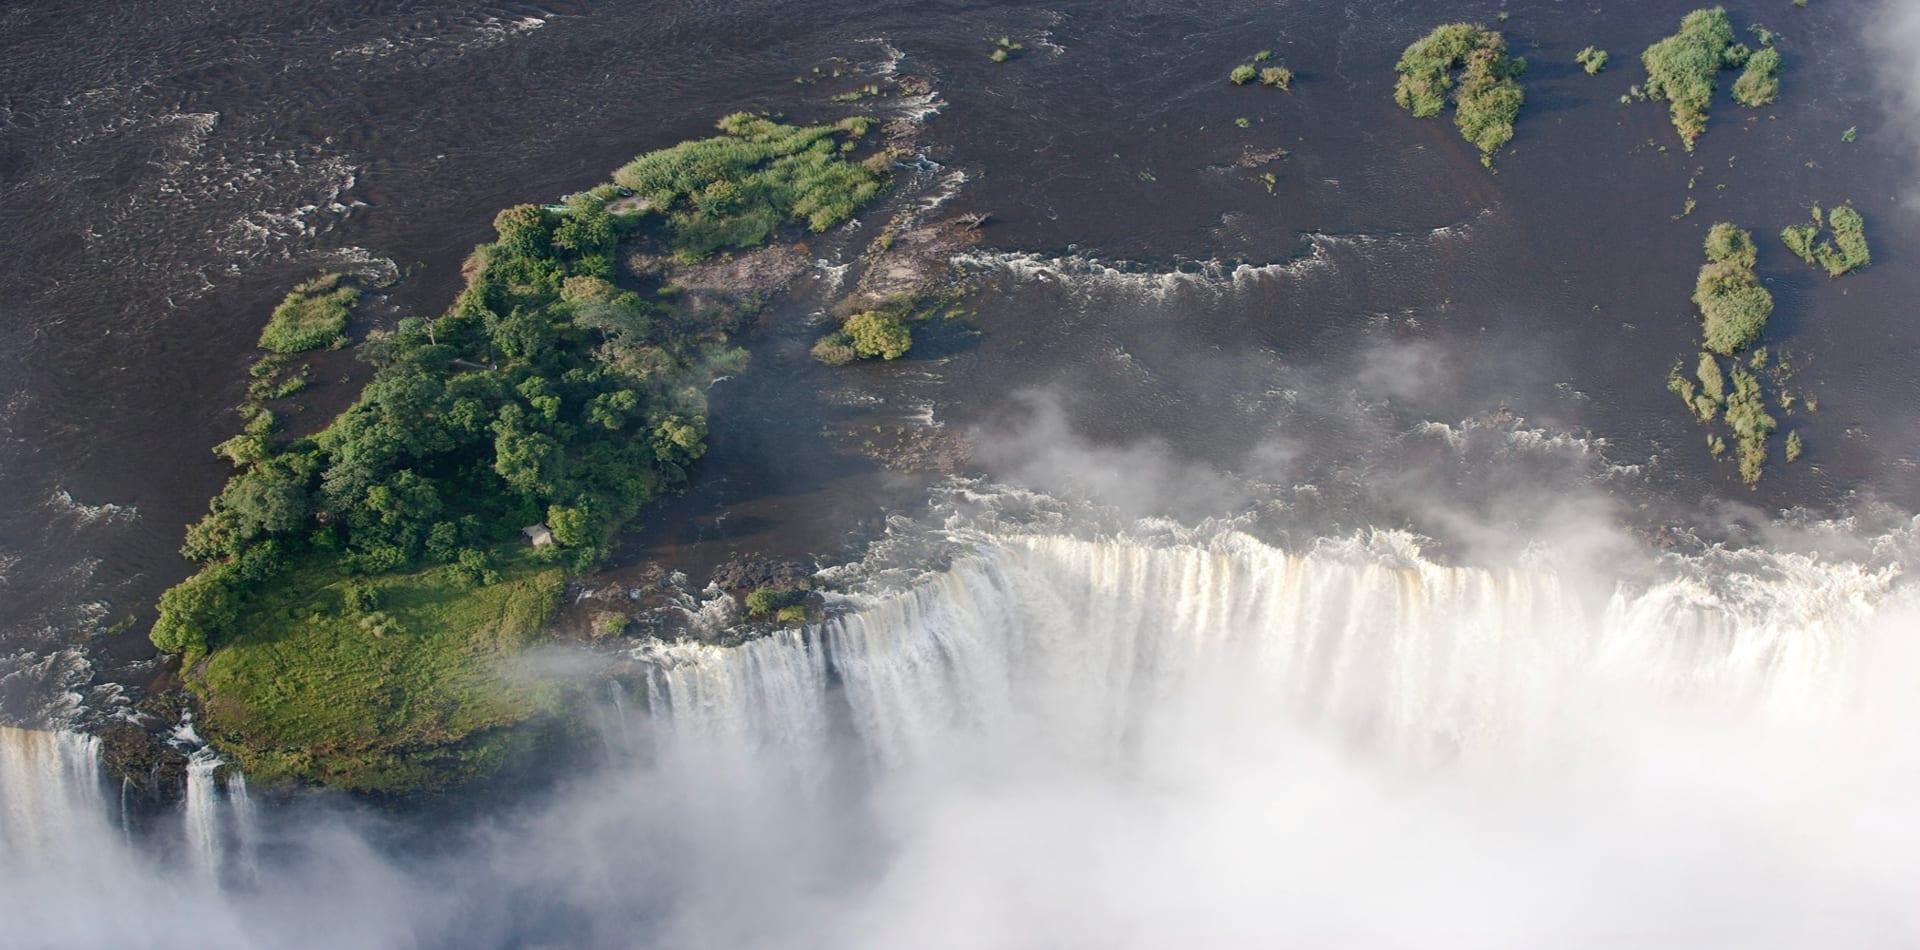 HERO Victoria Falls Zambia